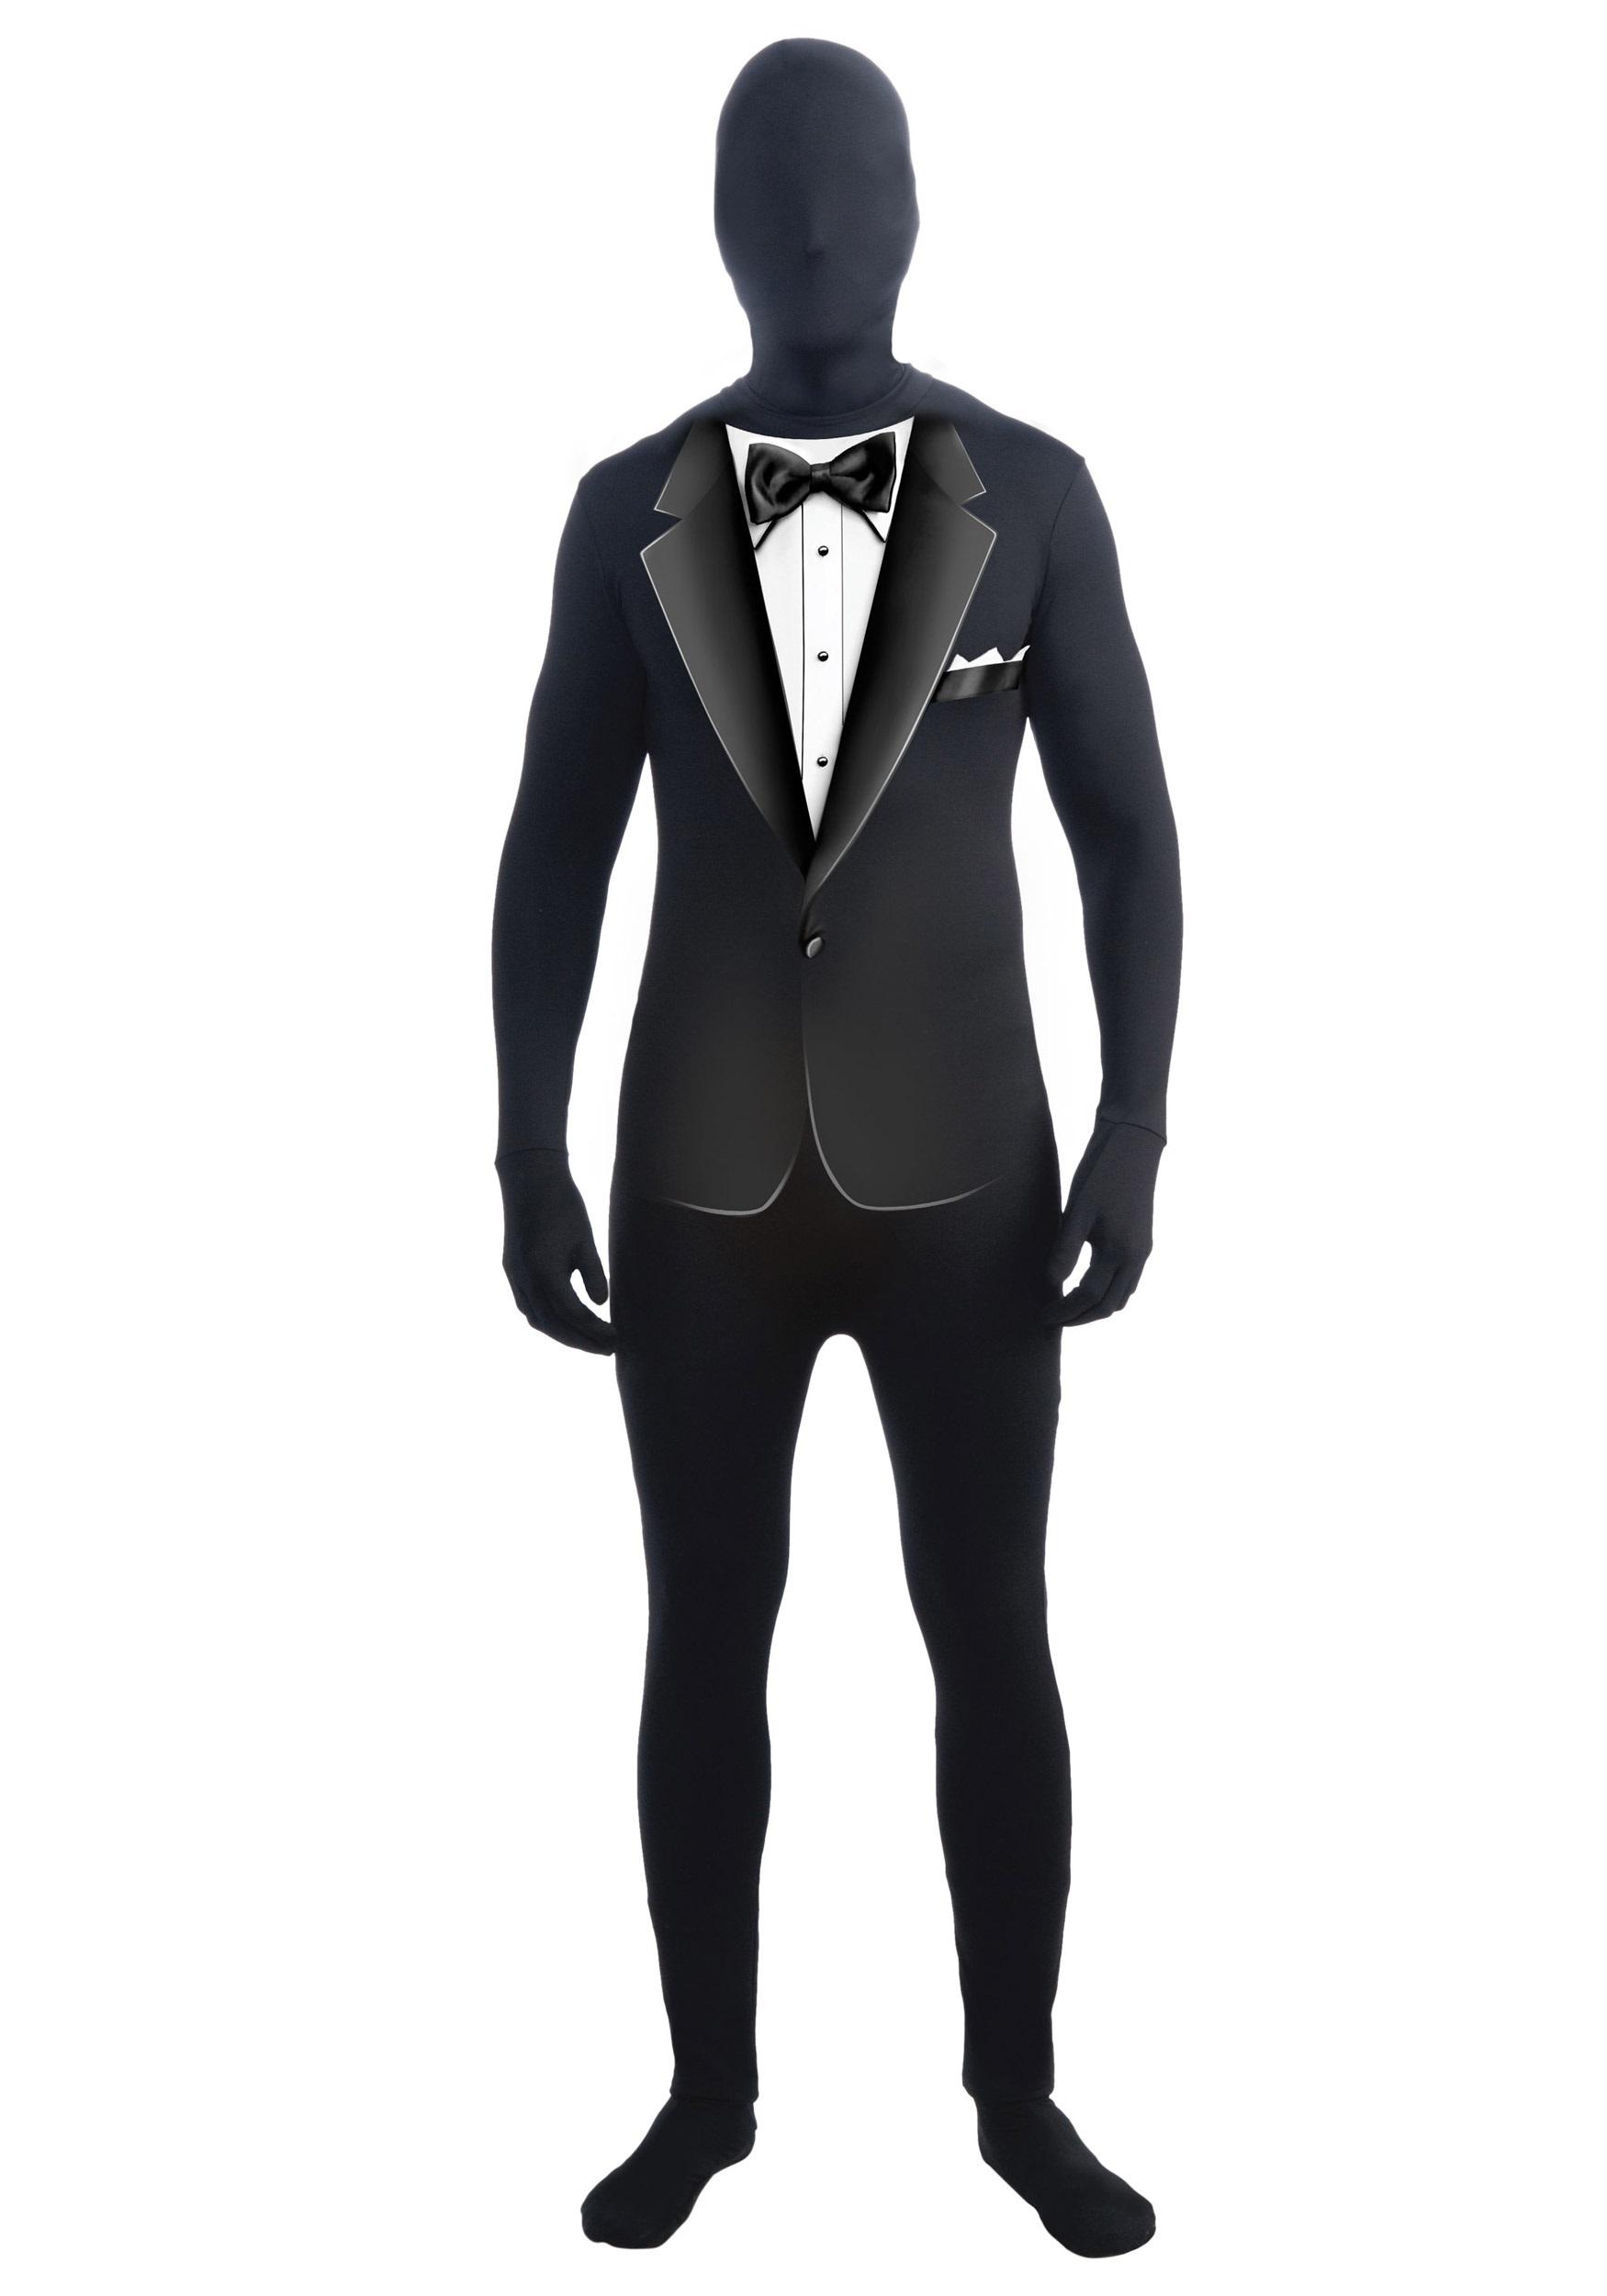 Skin suit images 40